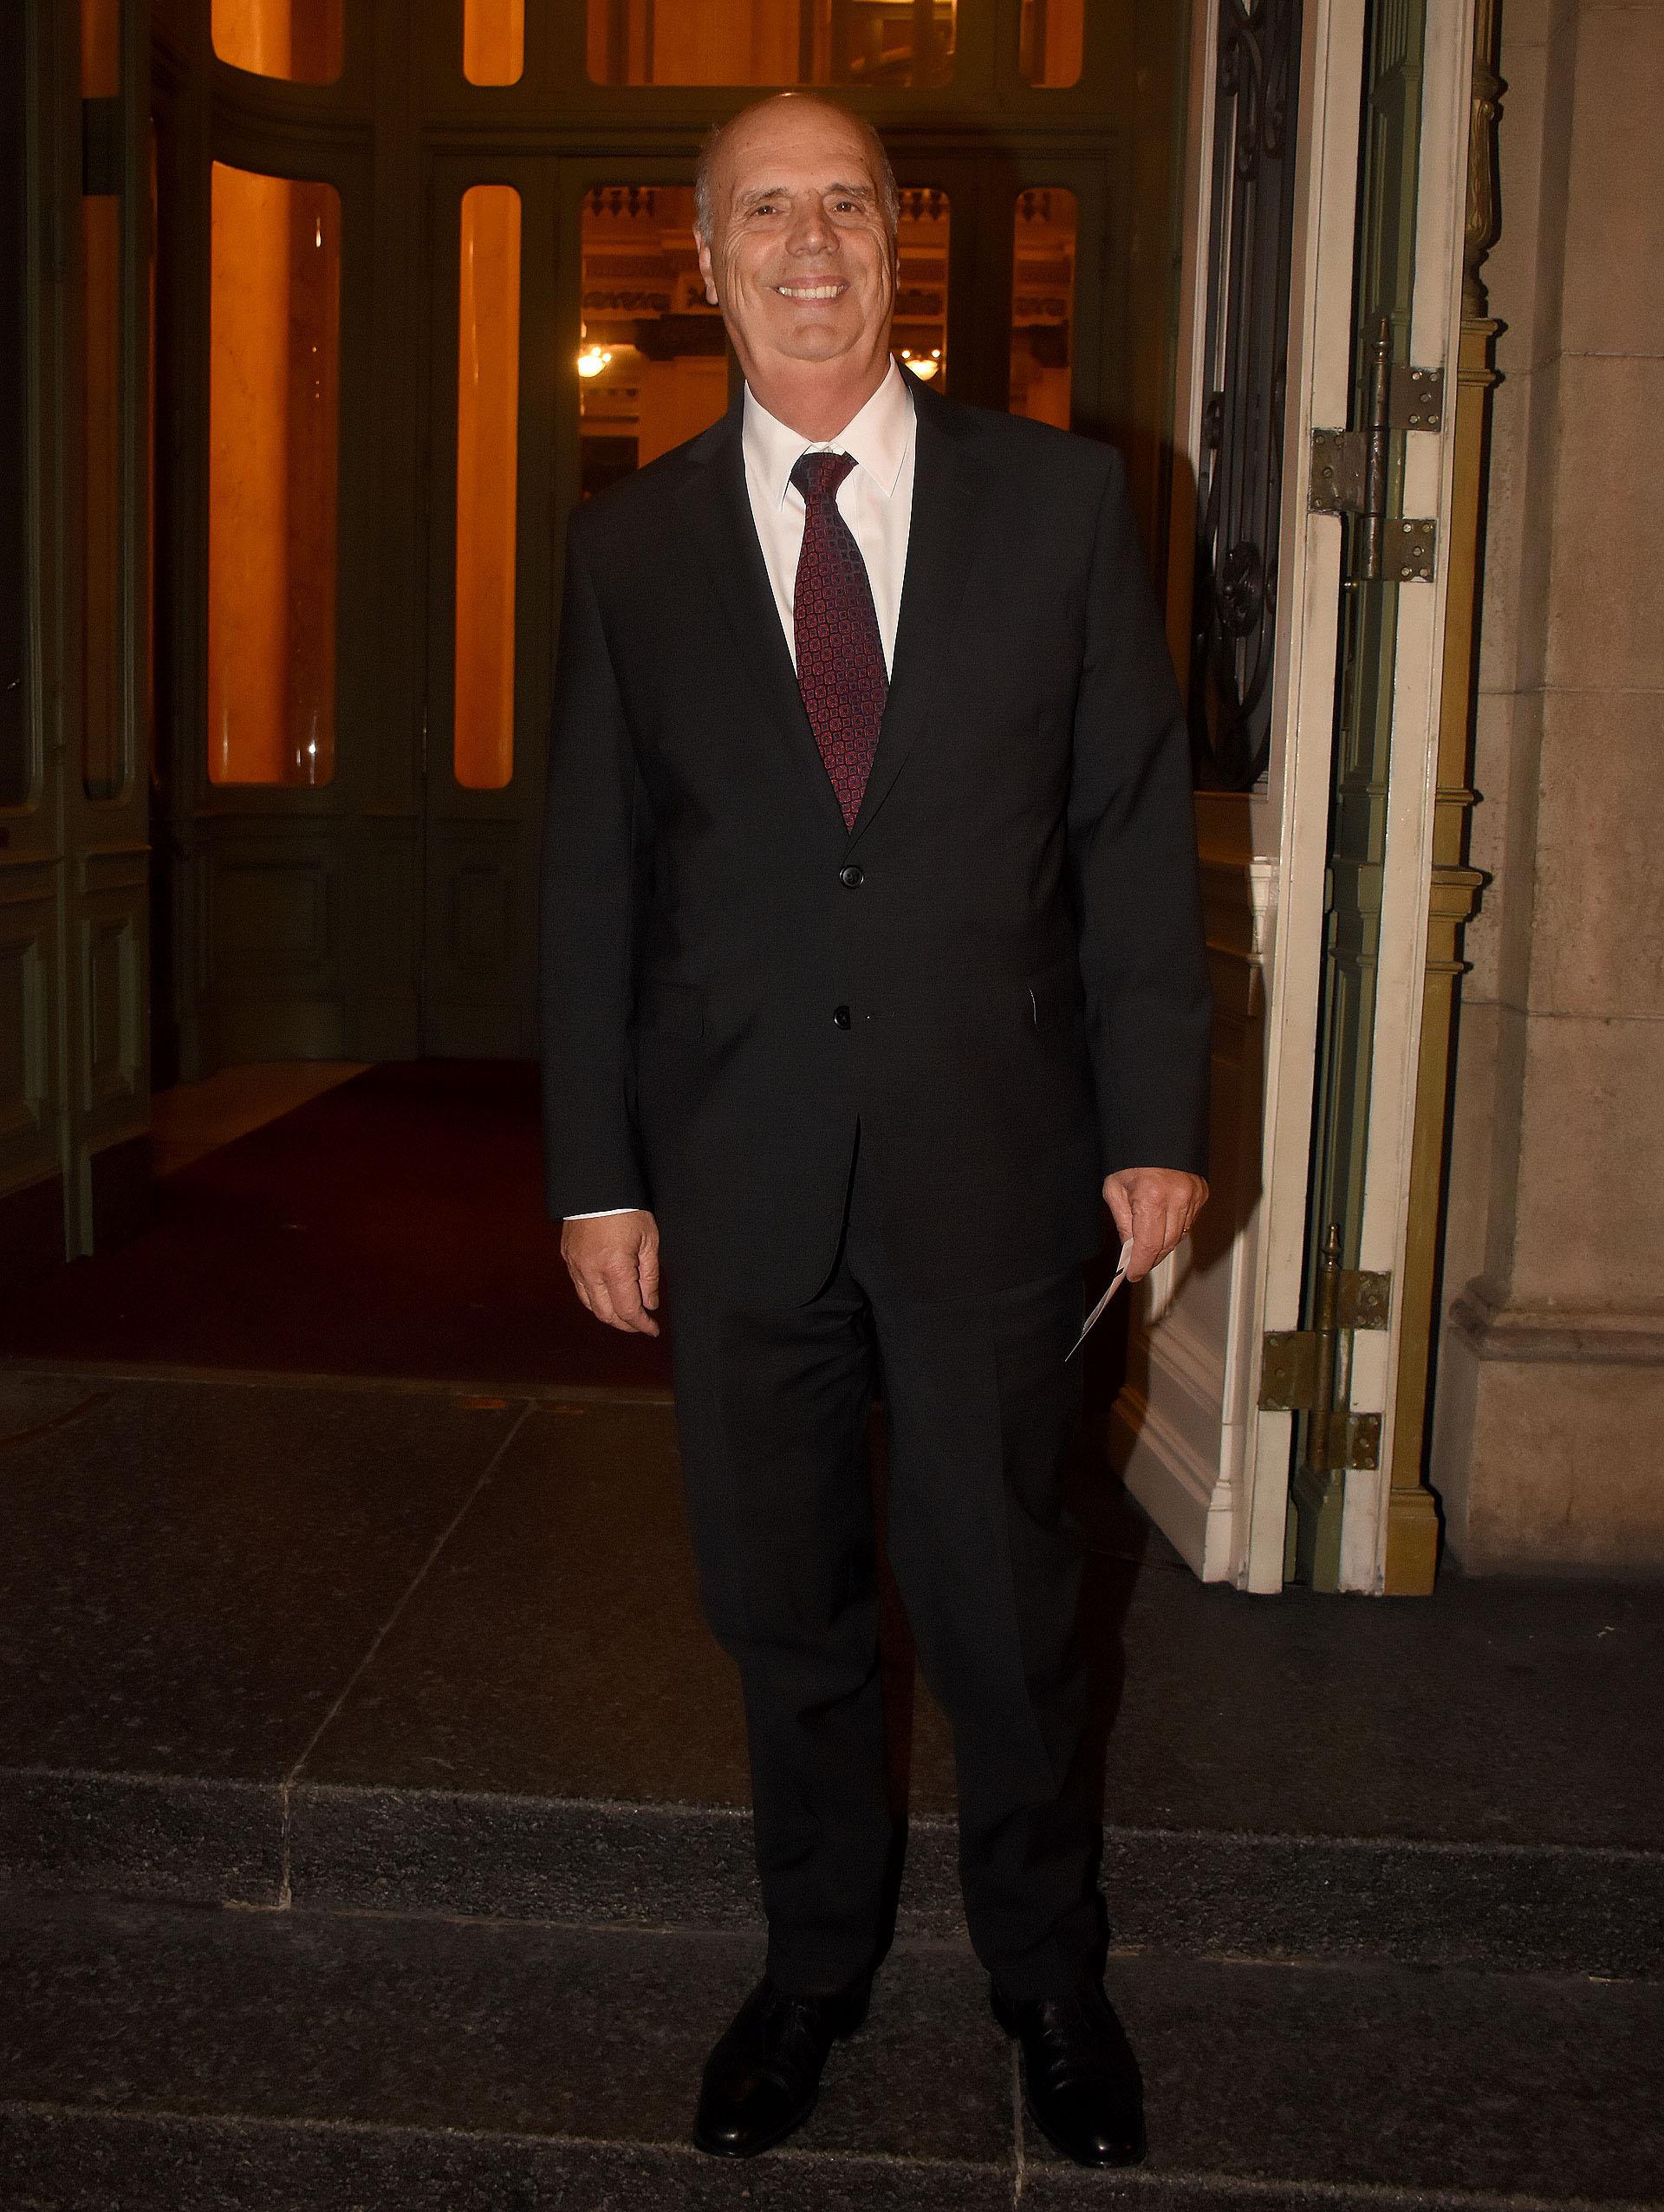 El vicepresidente de la Bolsa de Comercio de Buenos Aires, Héctor Orlando